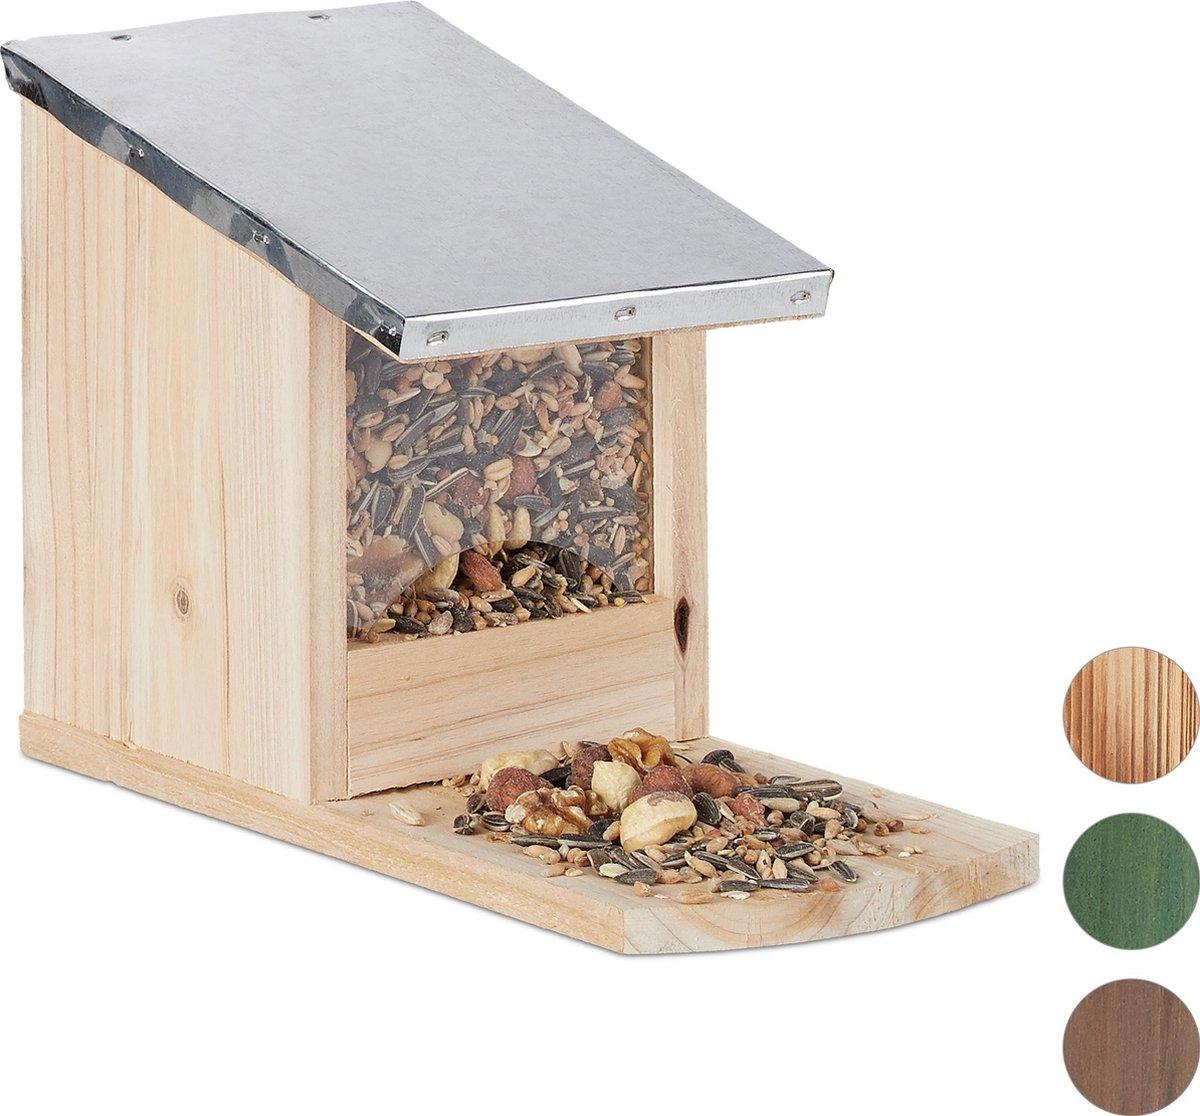 relaxdays eekhoorn voederhuisje - metalen dak - hout - voederhuis - voederkast Naturel